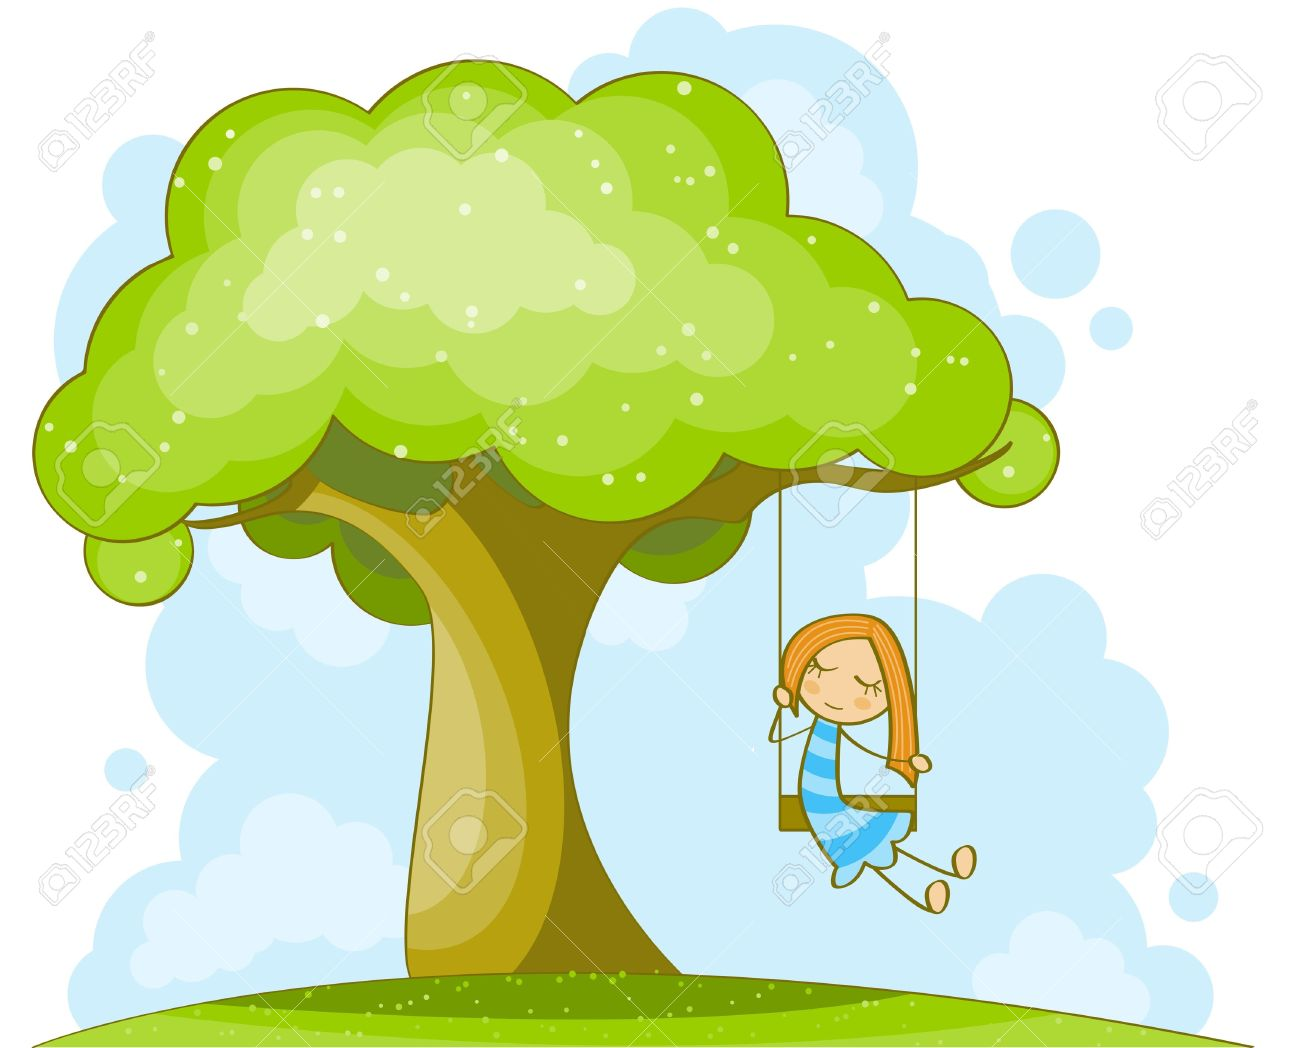 Kid swinging on tree clipart.